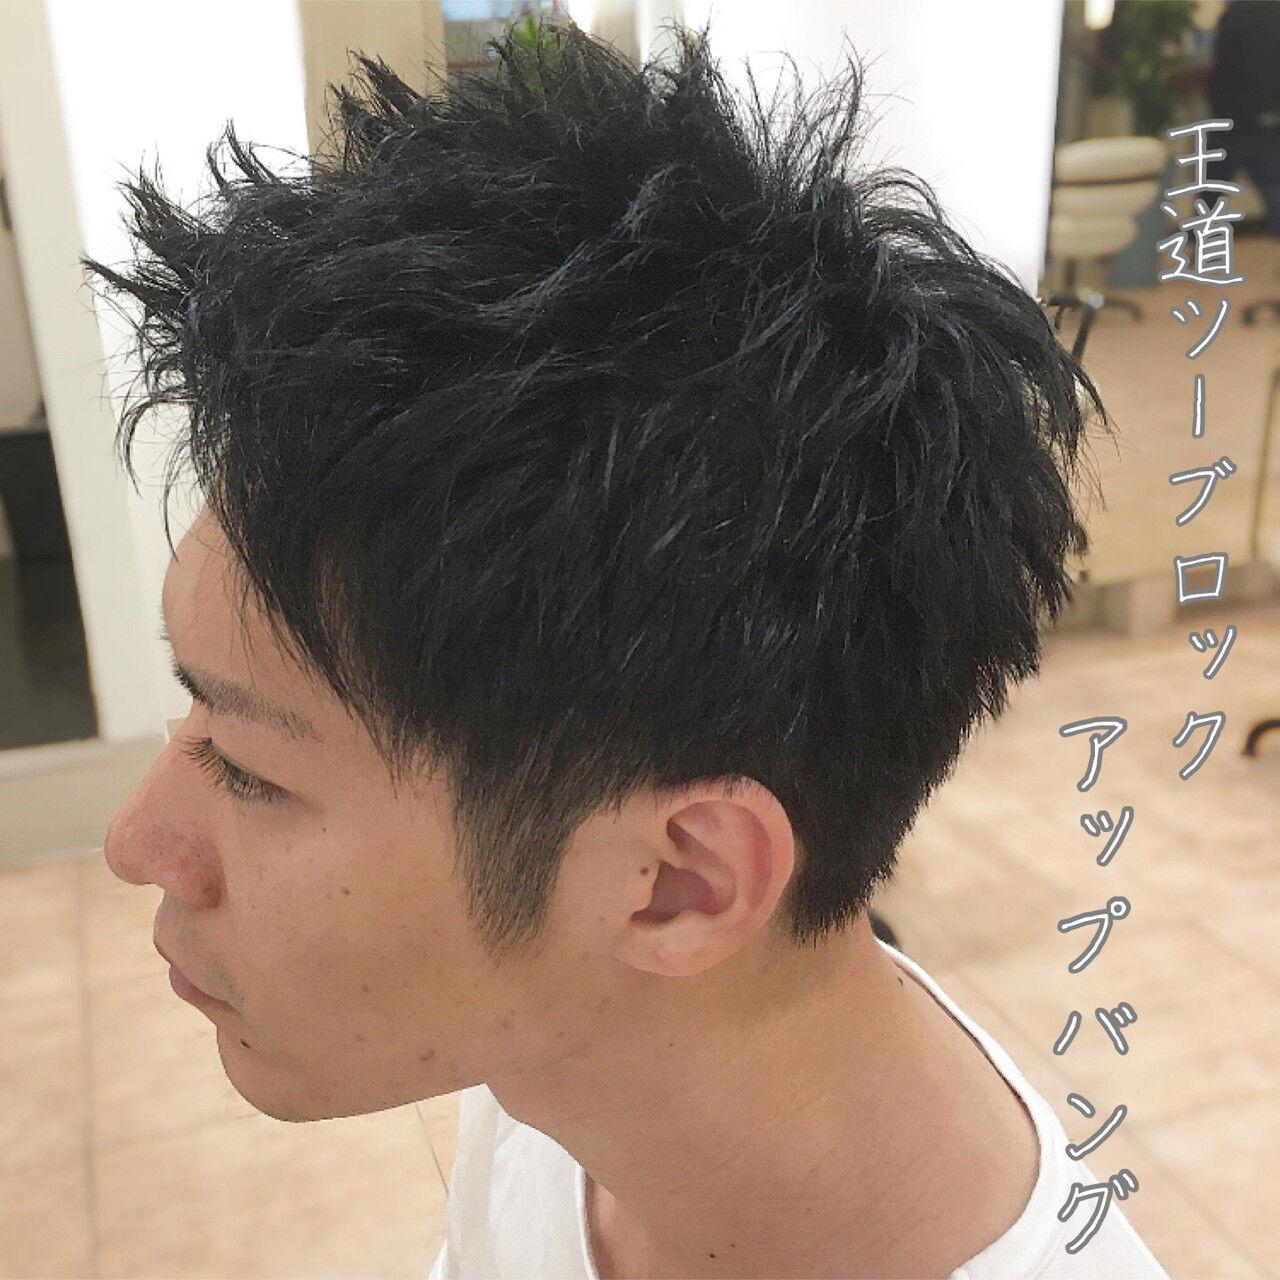 アップバング ツーブロック メンズ ショートヘアスタイルや髪型の写真・画像